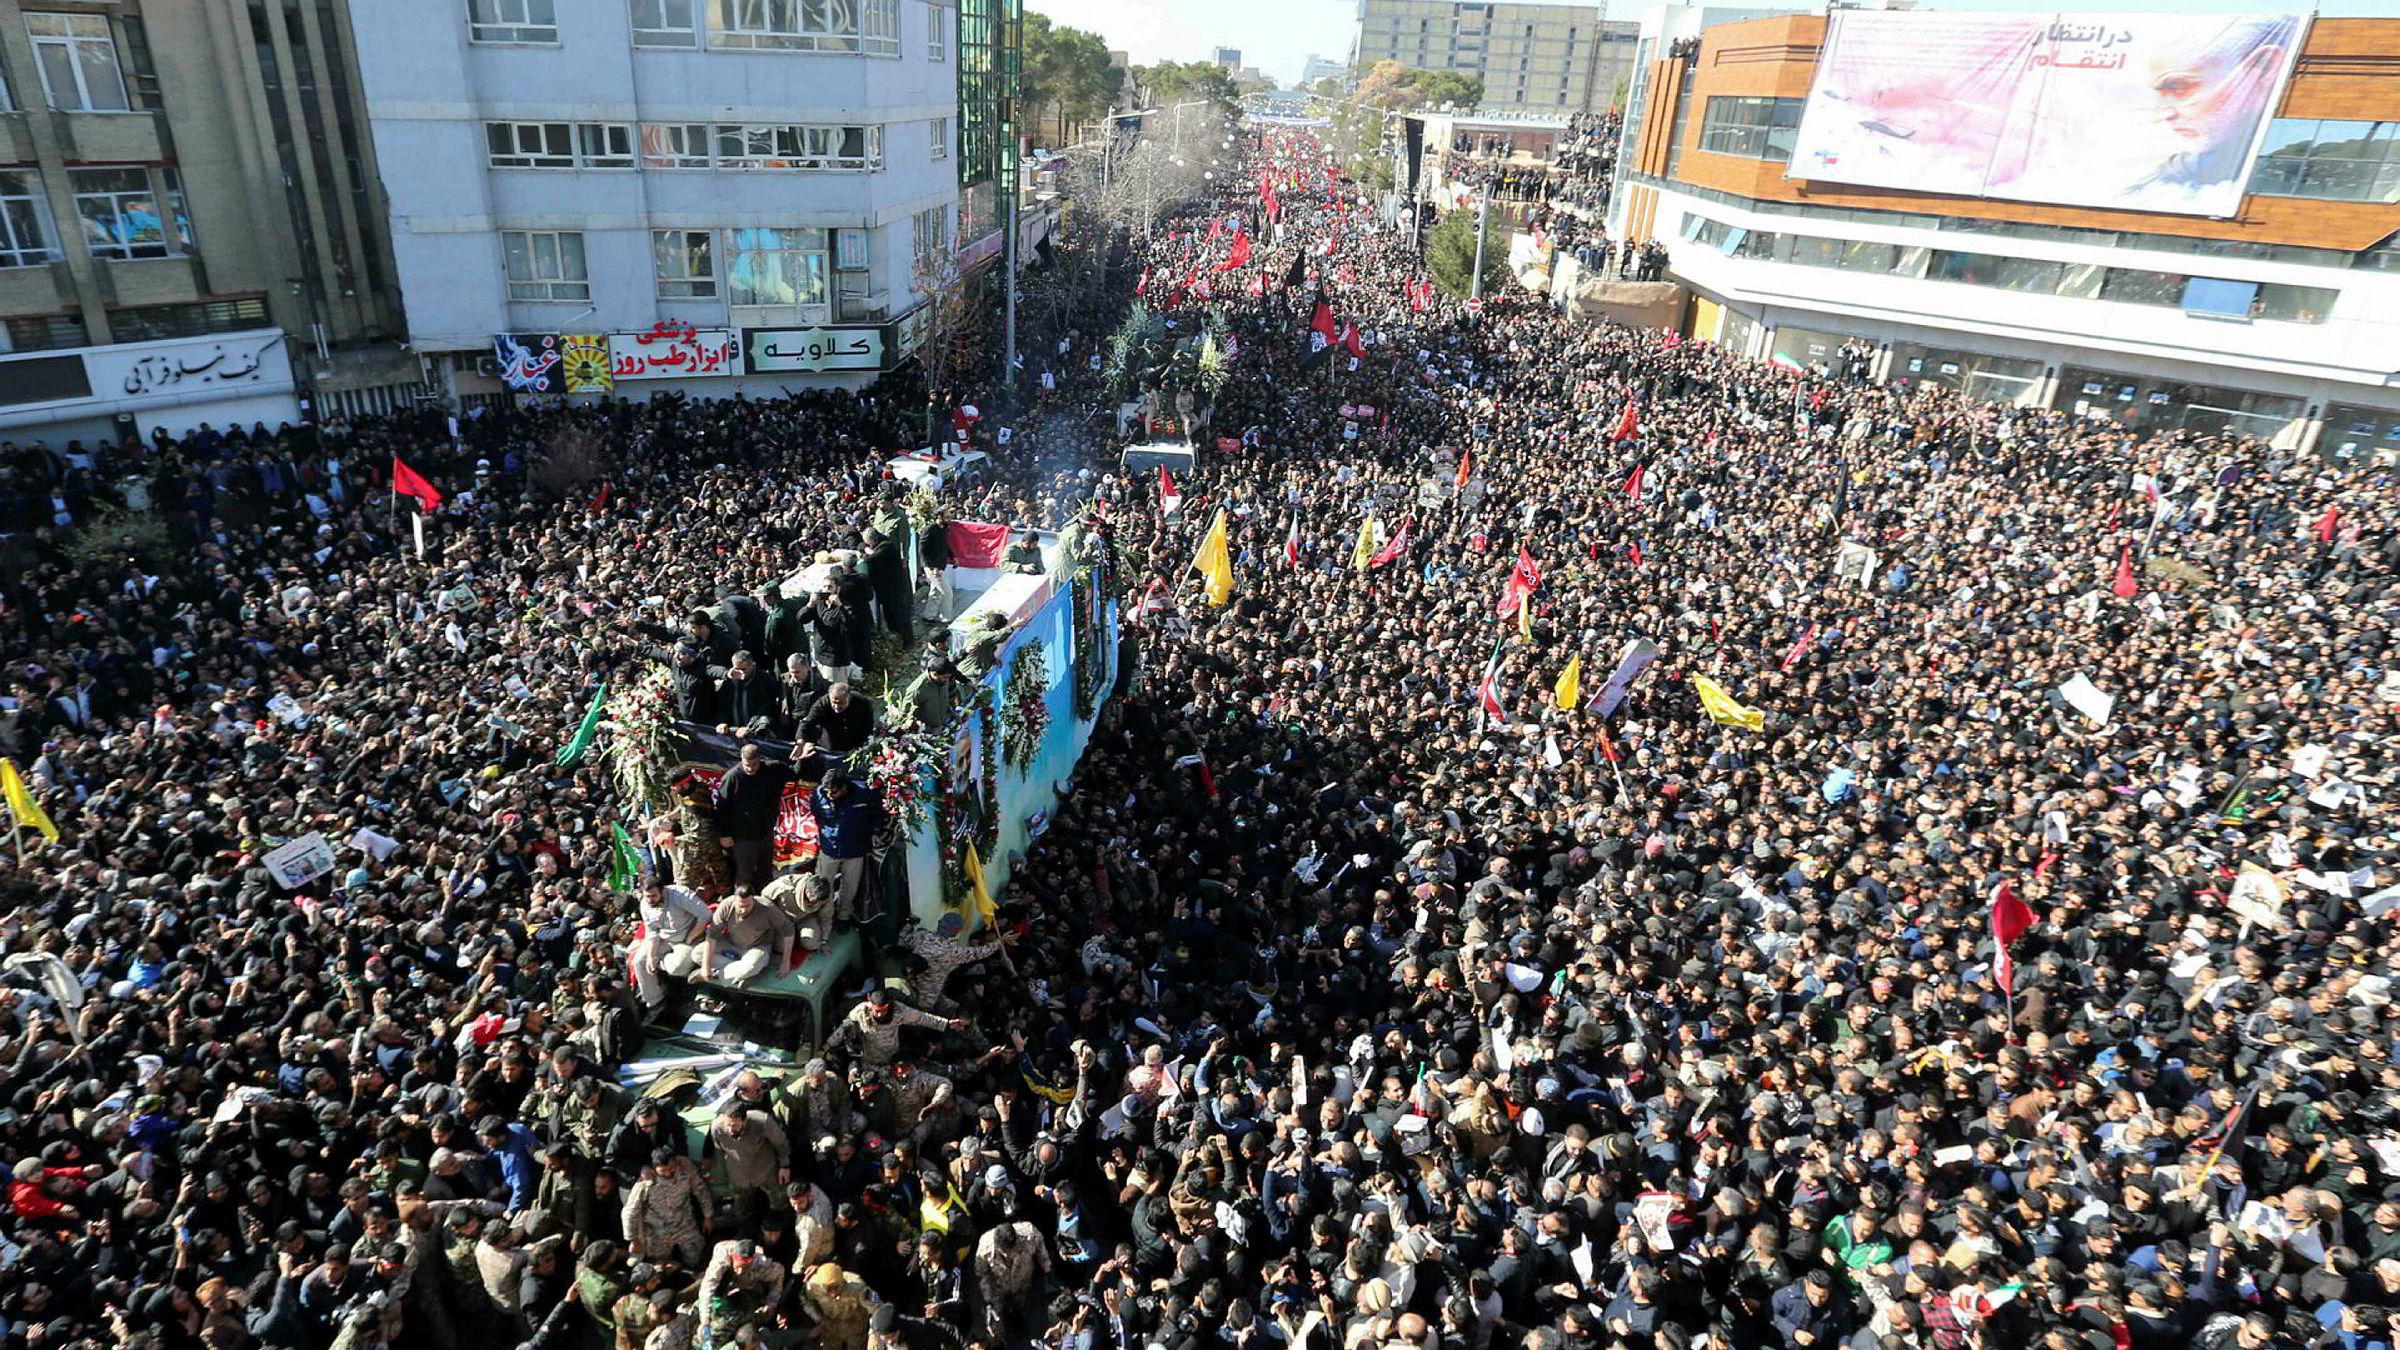 Hundretusener av iranere deltok i sørgehøytiden for general Qasem Soleimani, her i hans hjemby Kerman. Nå loves hevn etter USAs drap på en nøkkelmann i det iranske regimet.